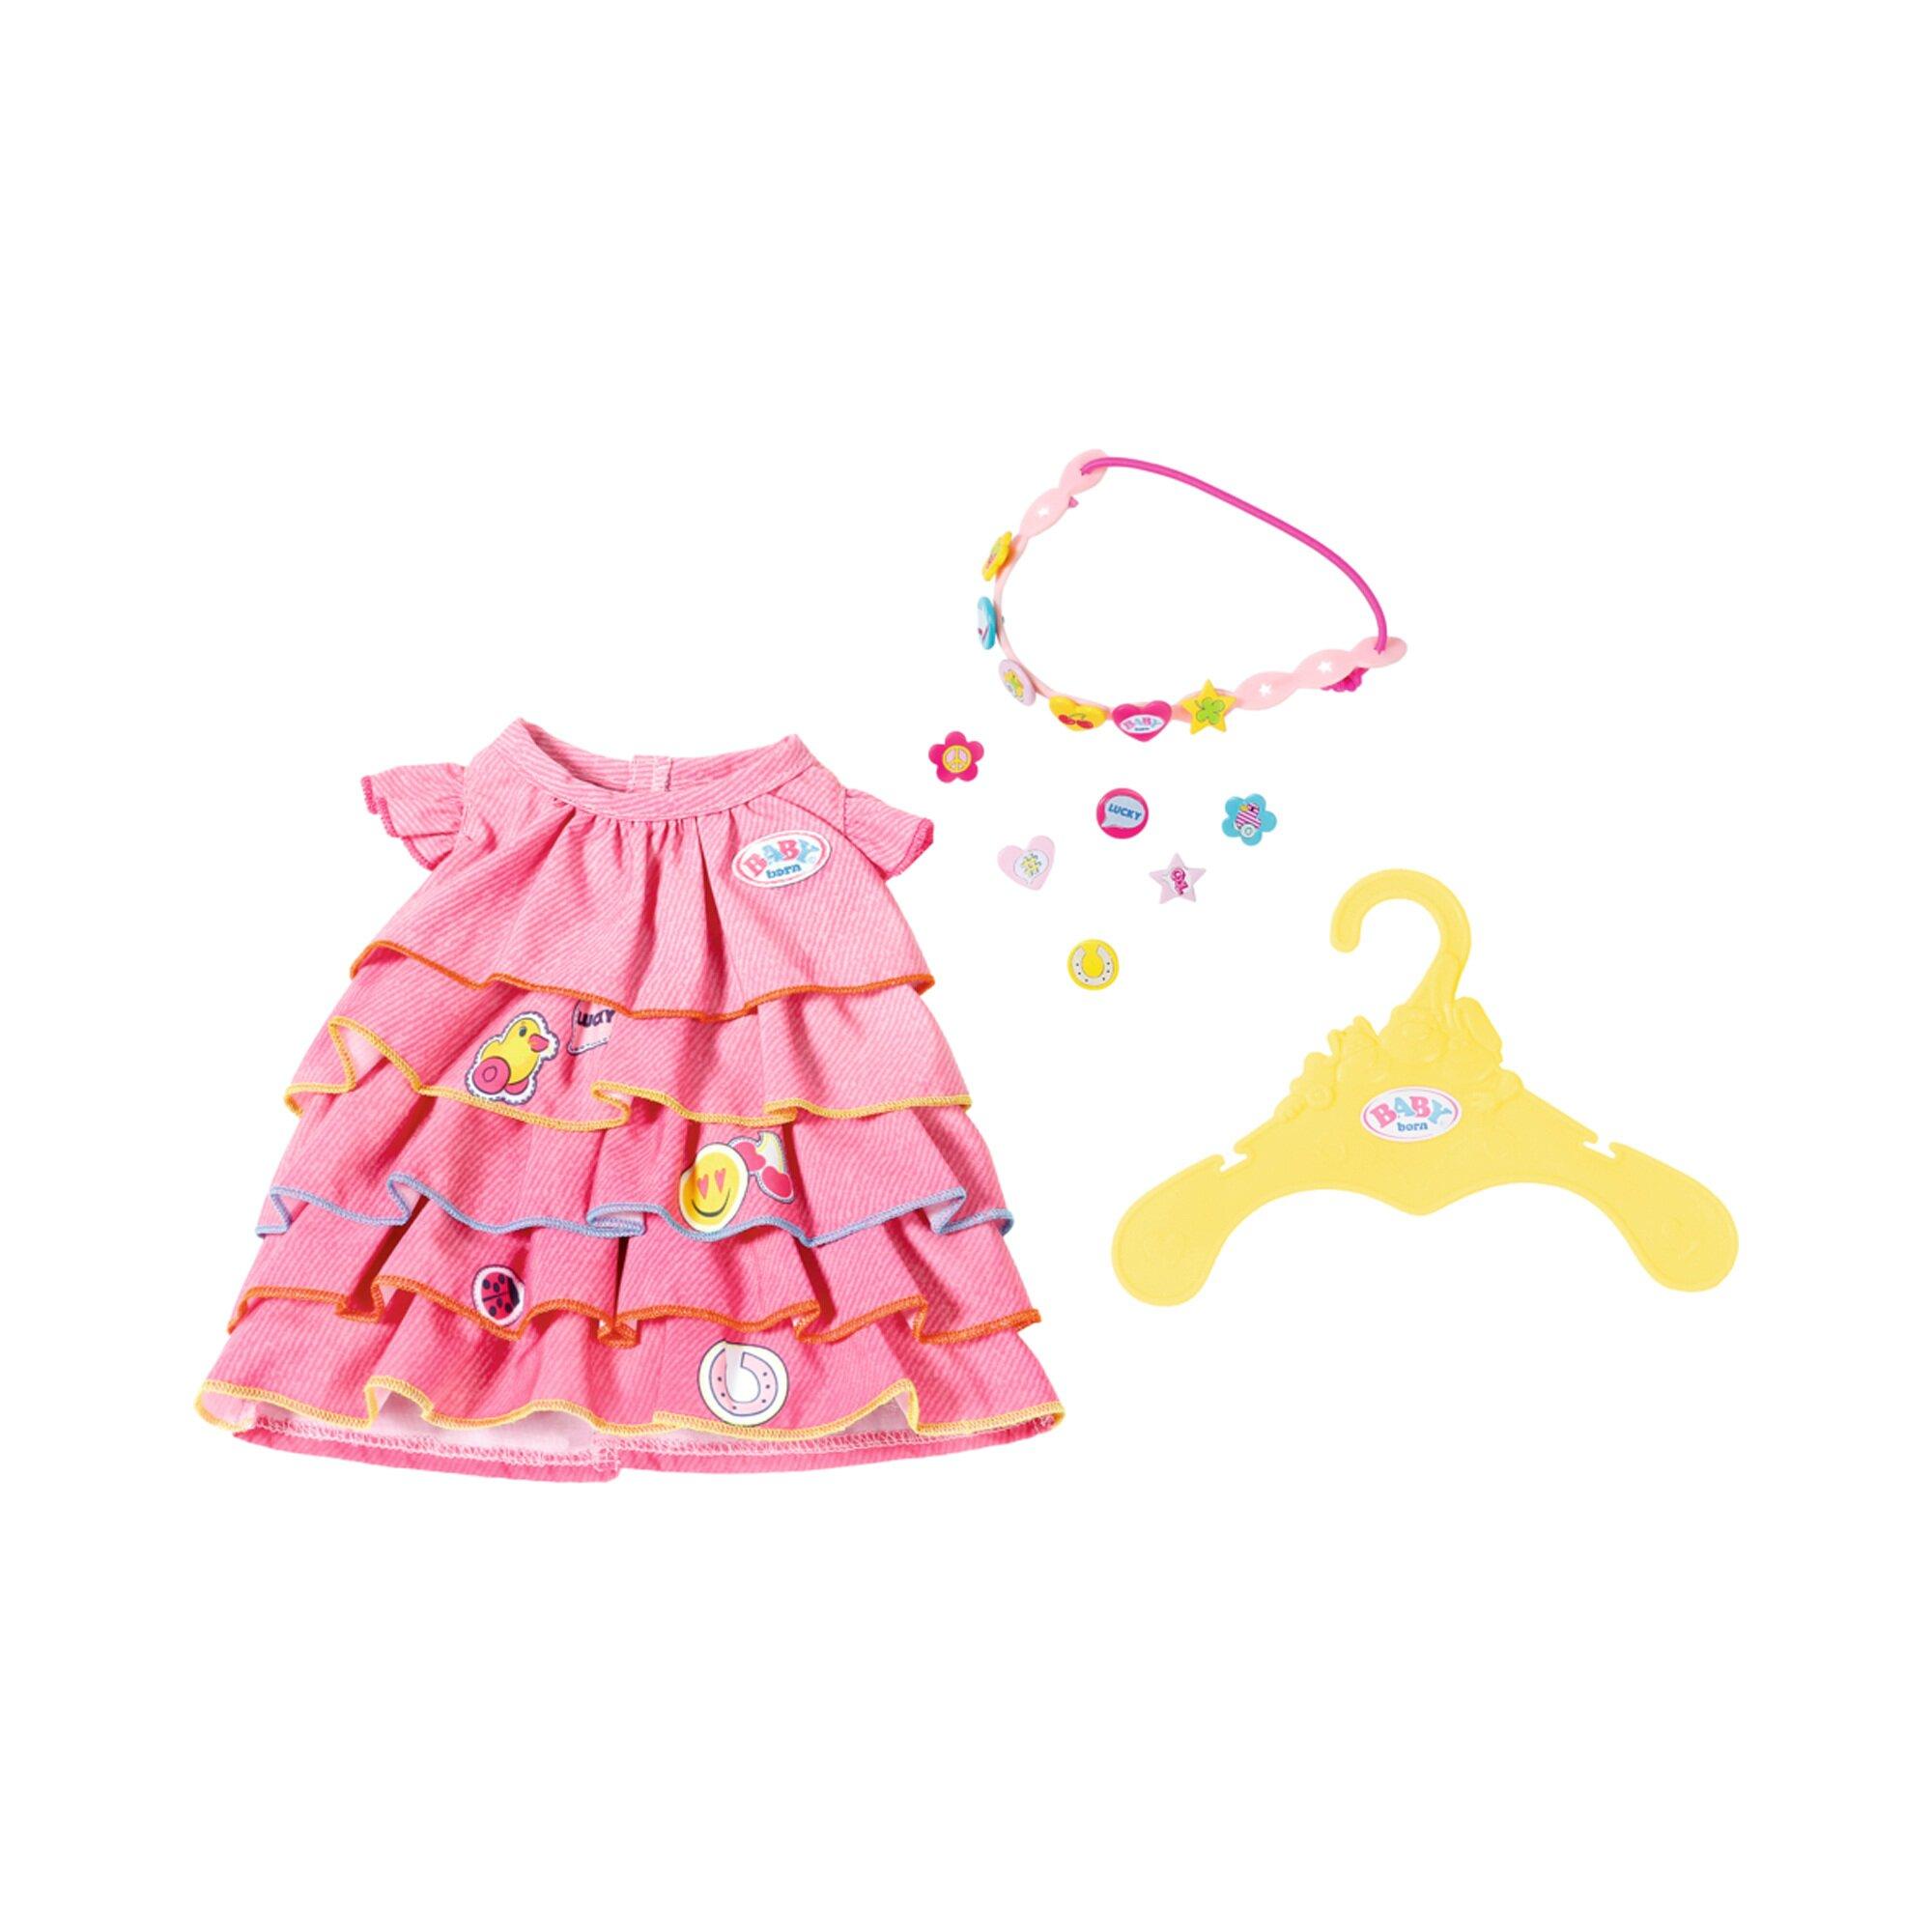 Baby Born Puppen Sommerkleid Set mit Pins